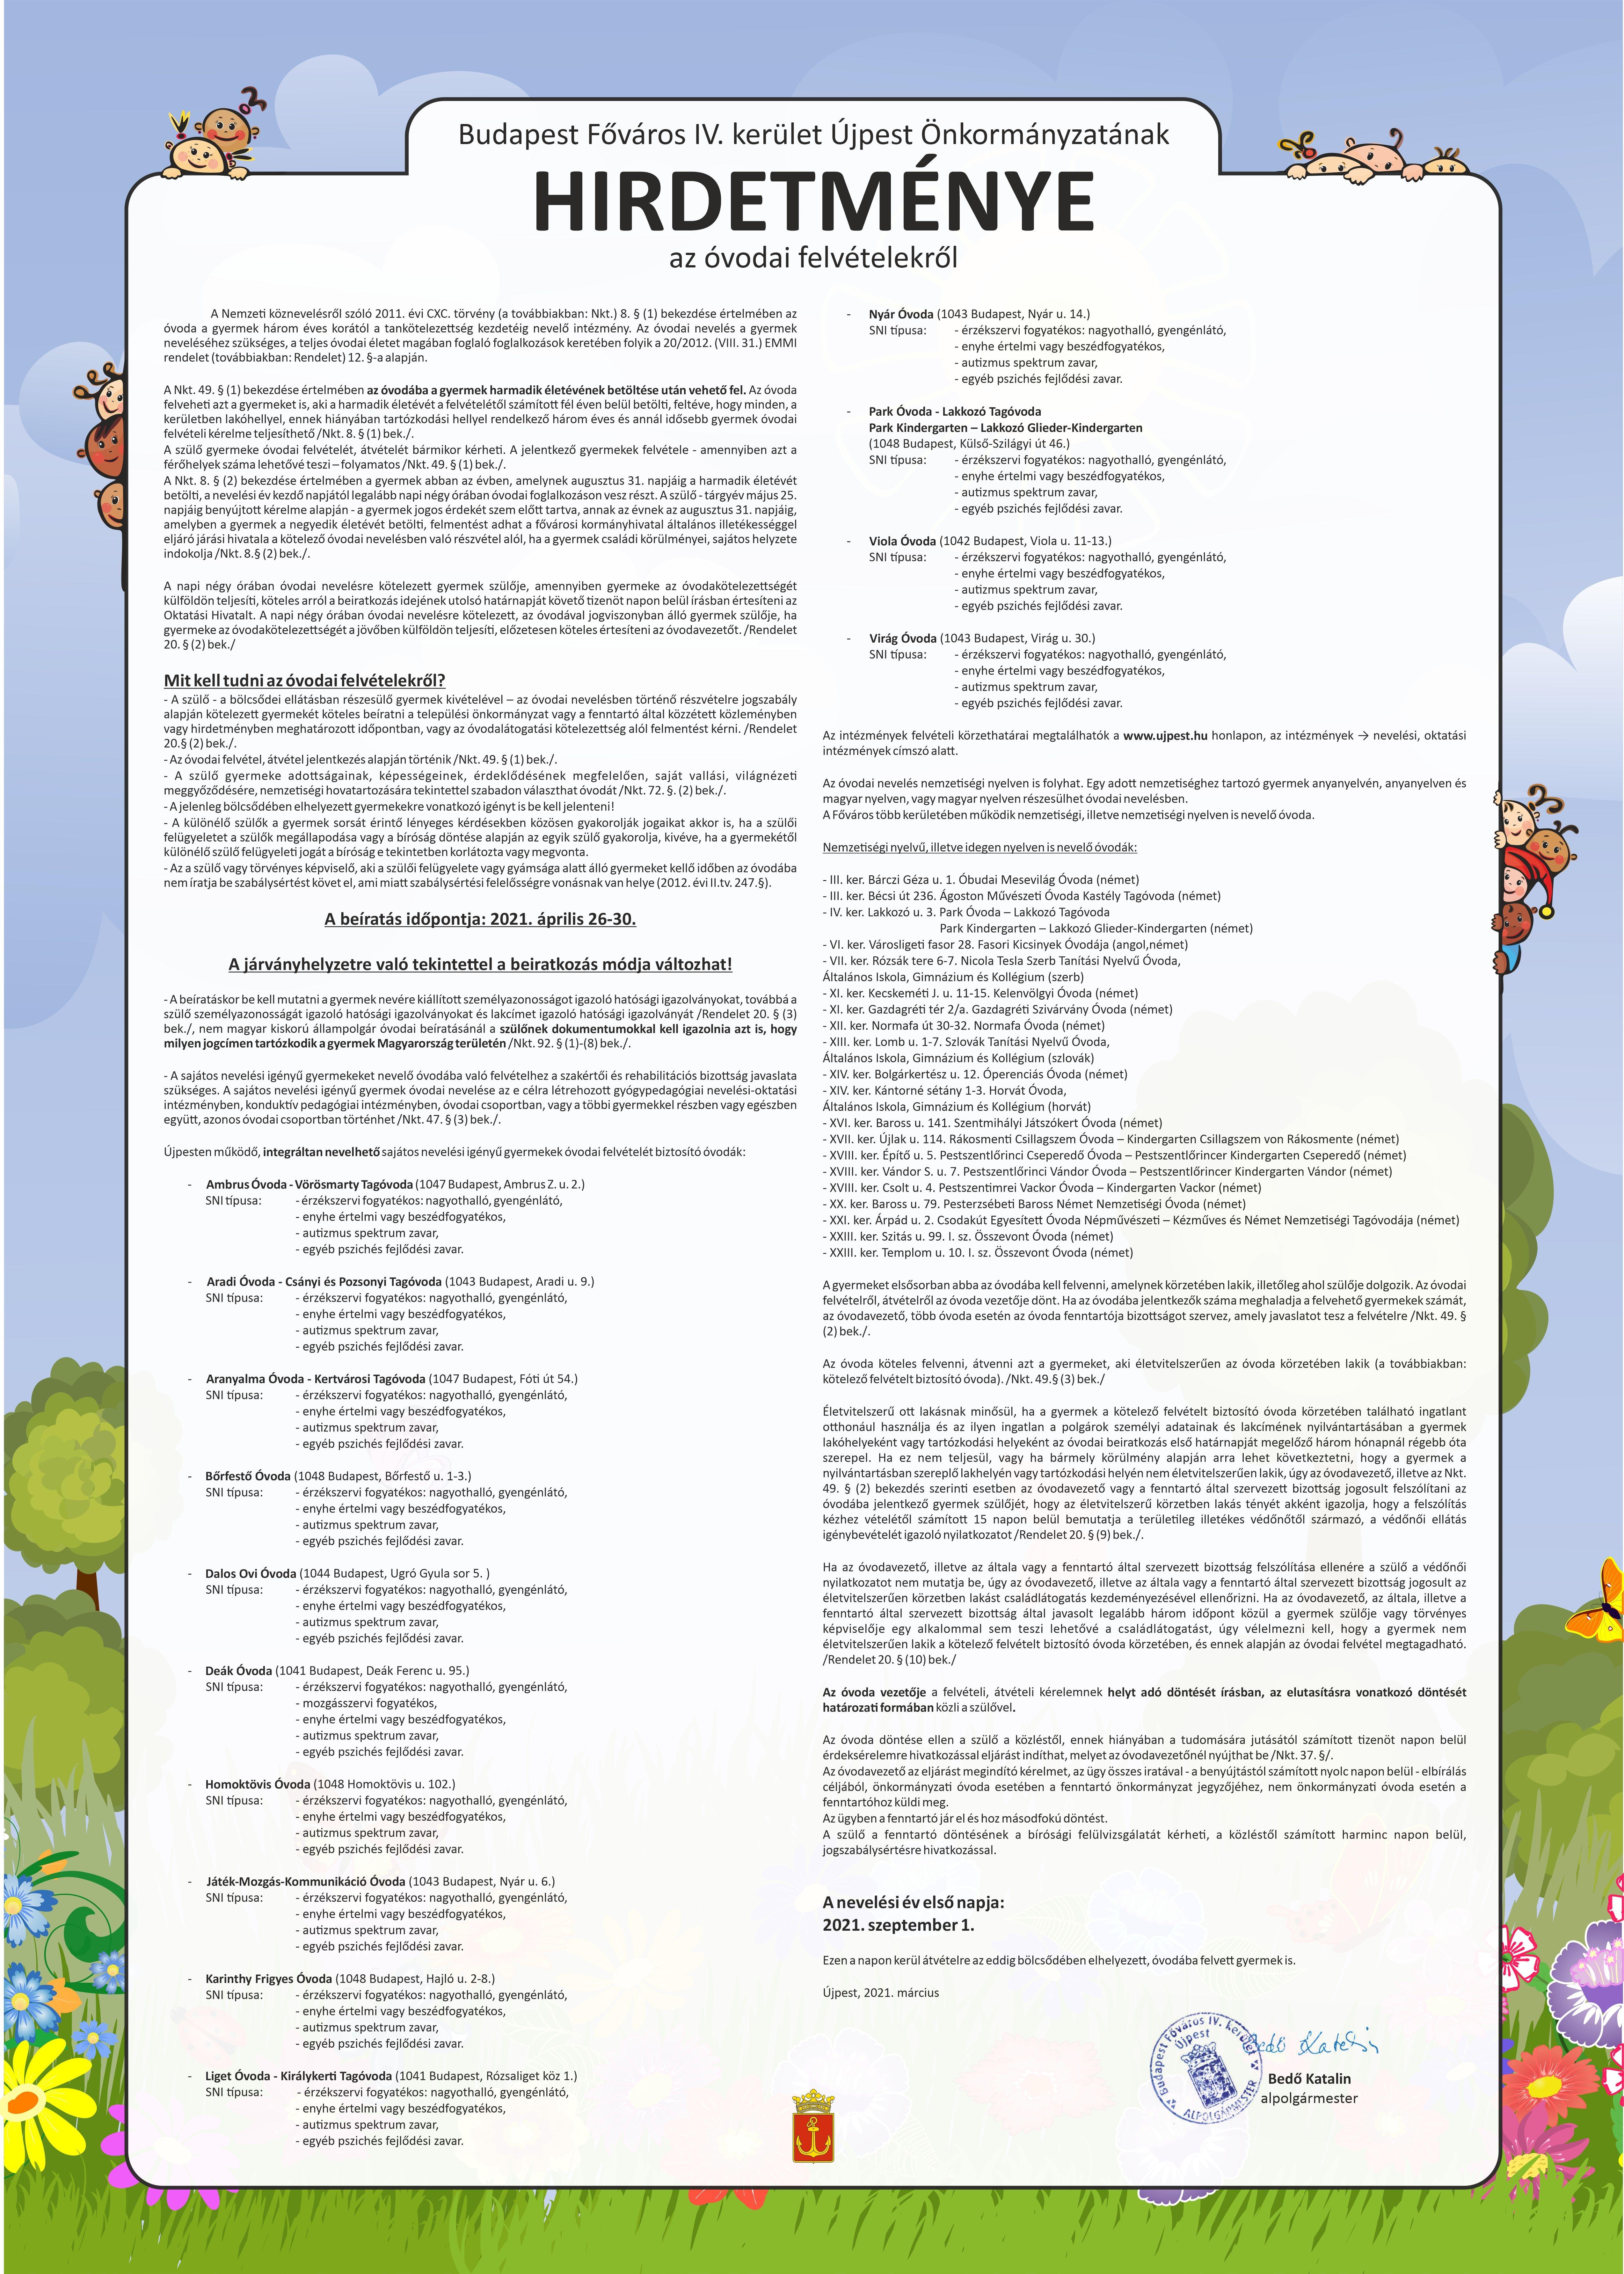 Intézkedési terv COVID-19 óvoda